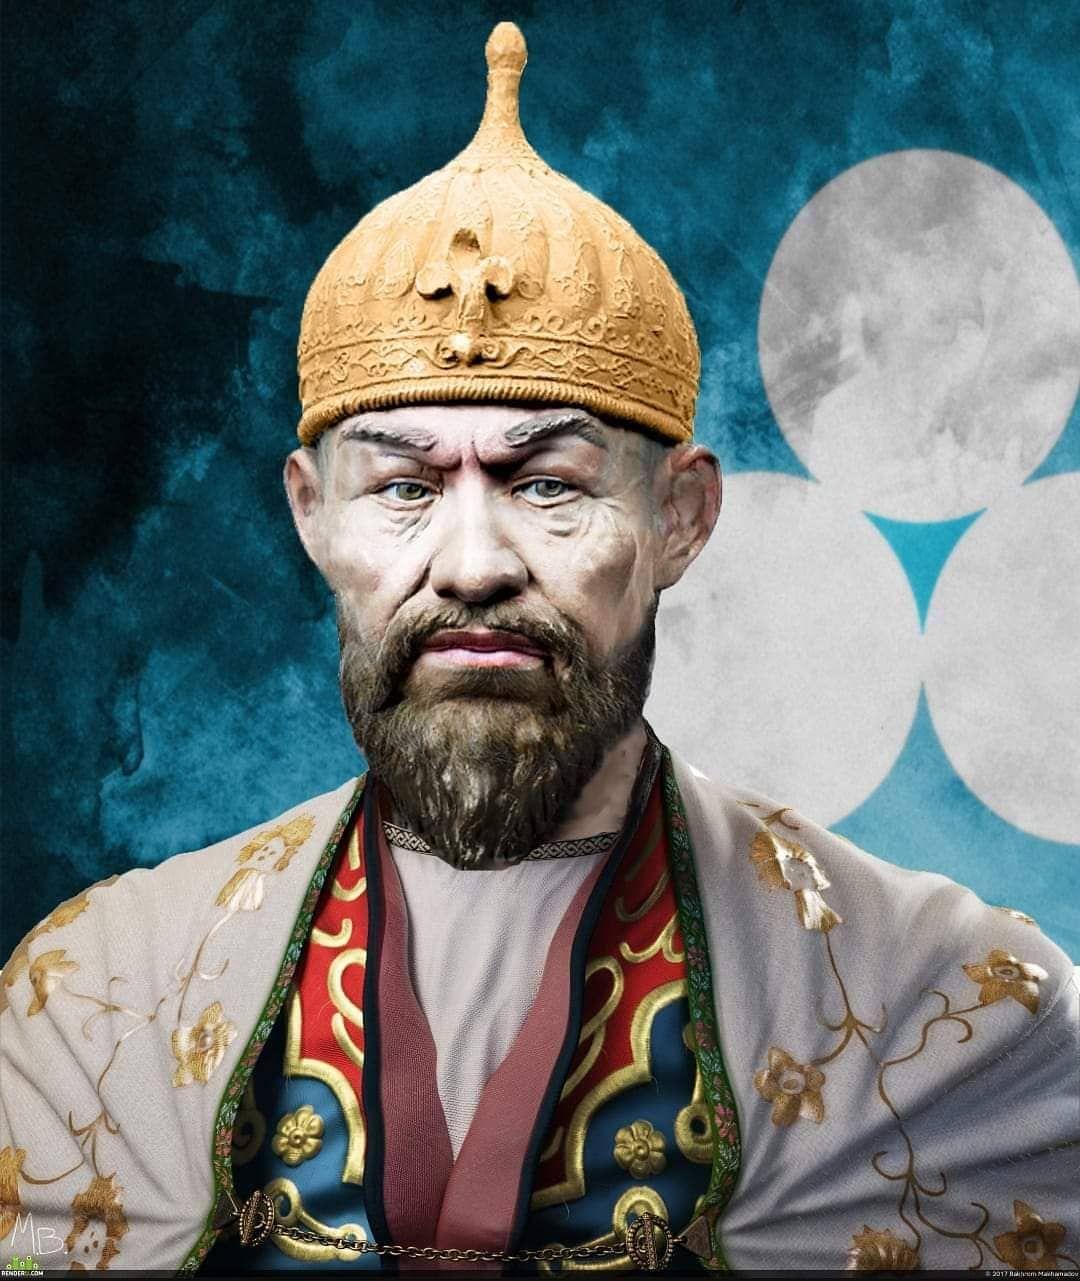 Timur'un 3 yıllık İran seferi sırasında neler yaşandı?